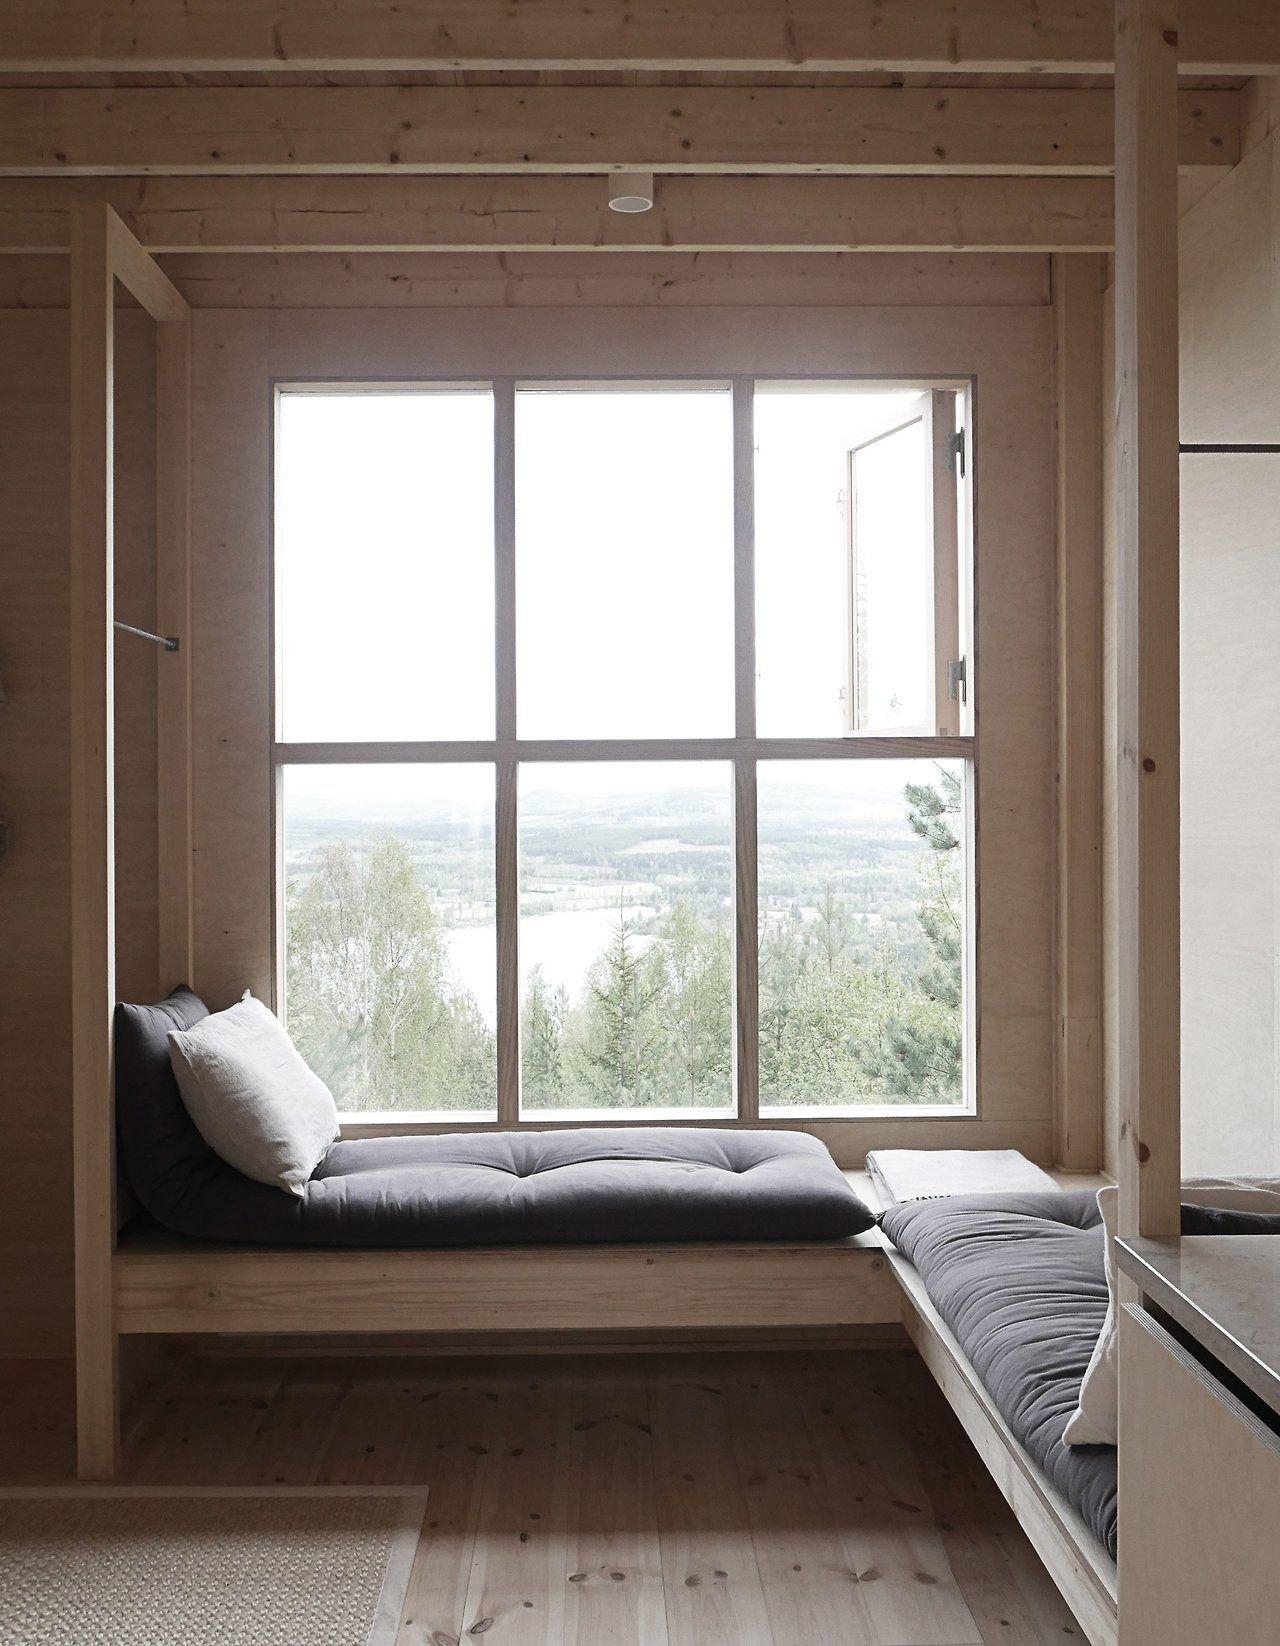 Window house design ideas  lofthuset  tham u videgard arkitekter swedish architect hanna